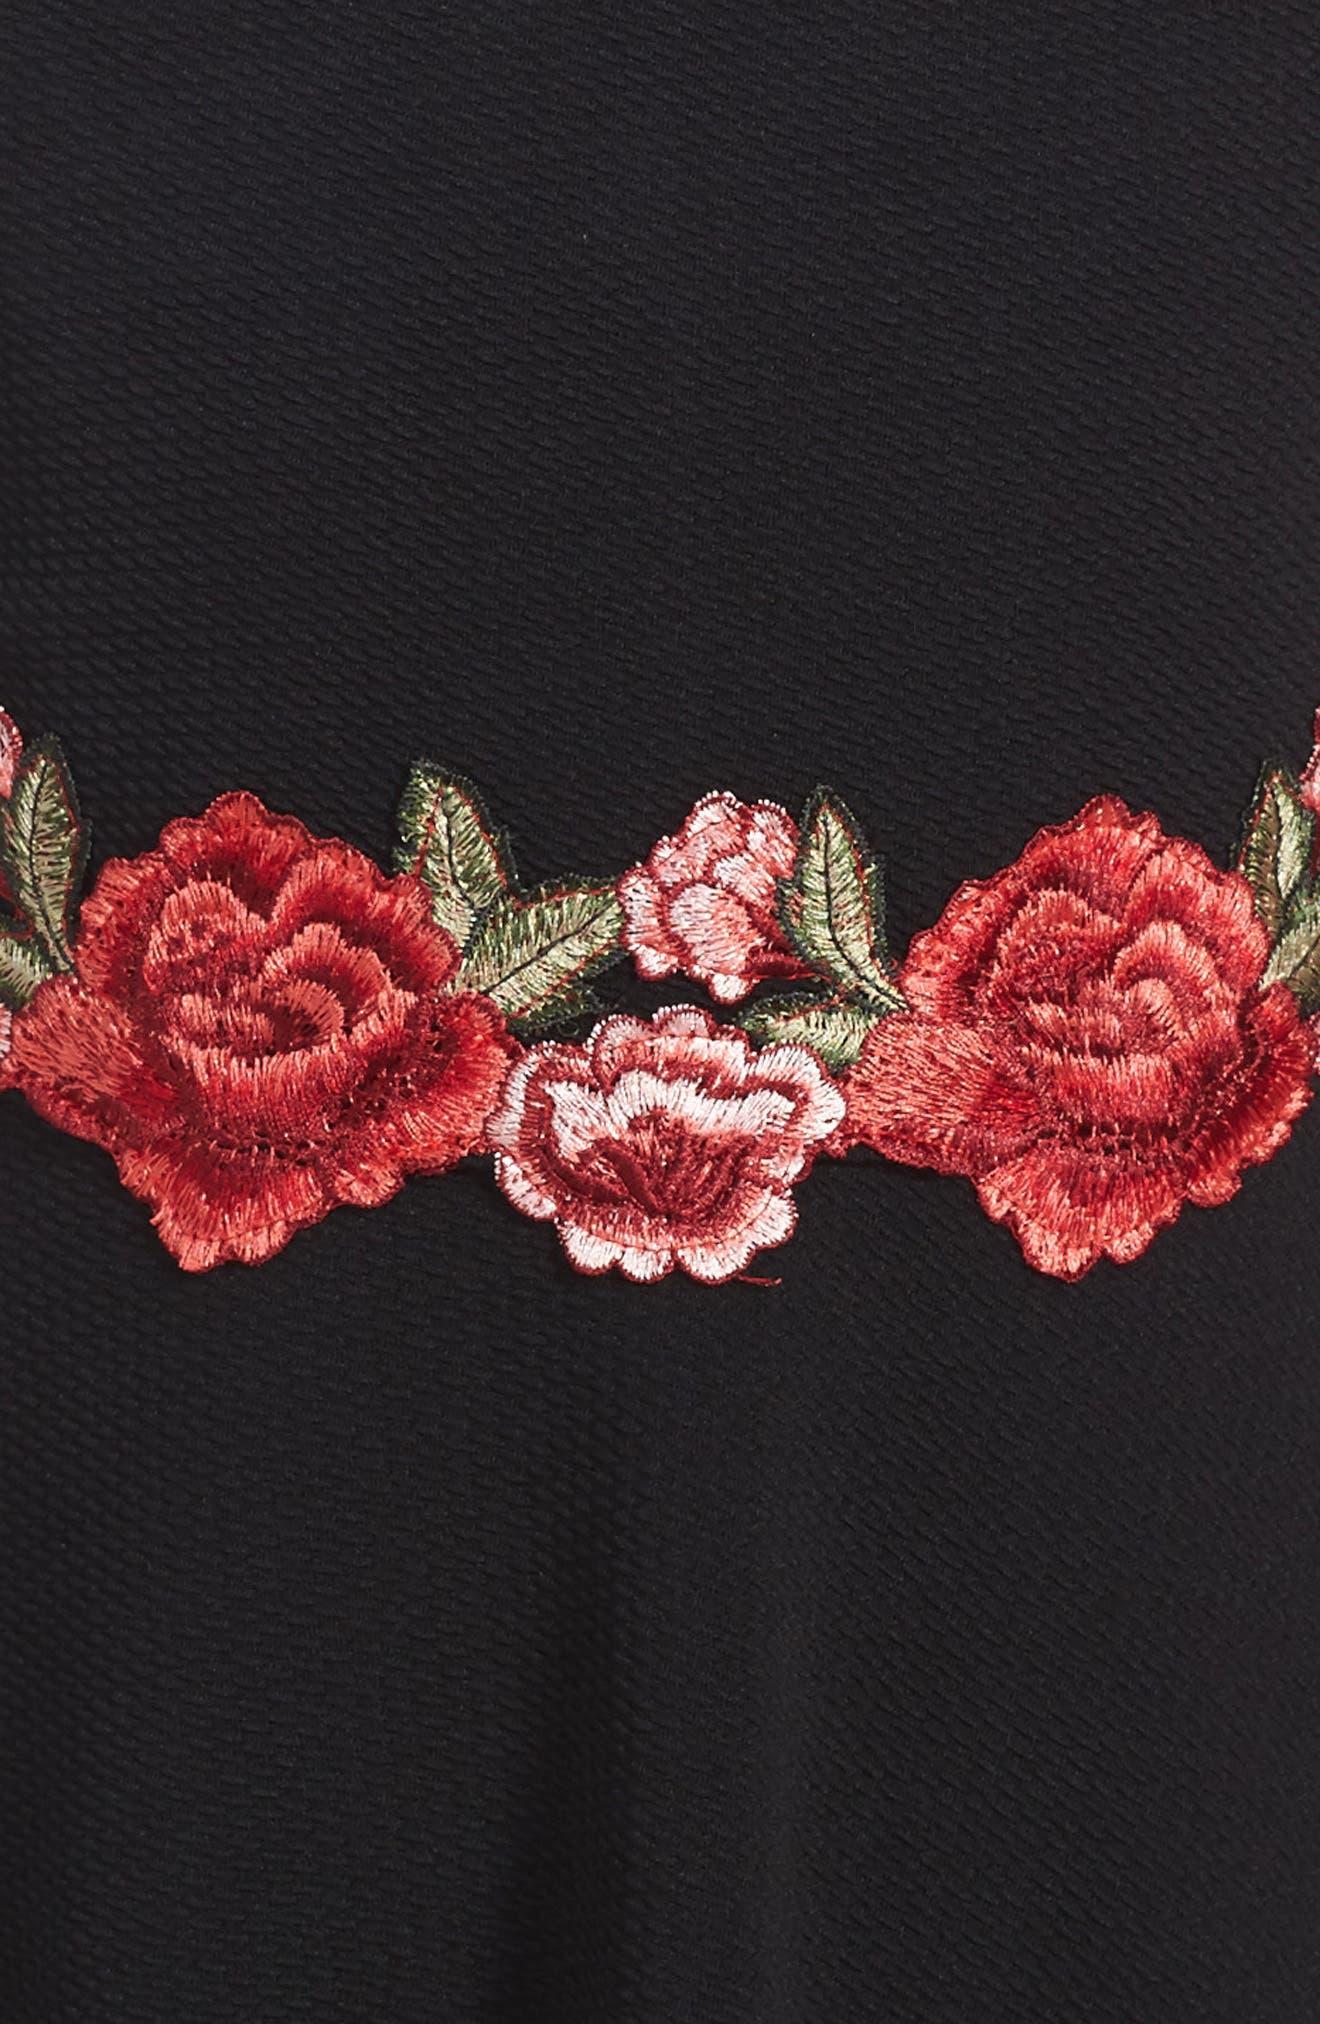 Embroidered Skater Dress,                             Alternate thumbnail 3, color,                             001